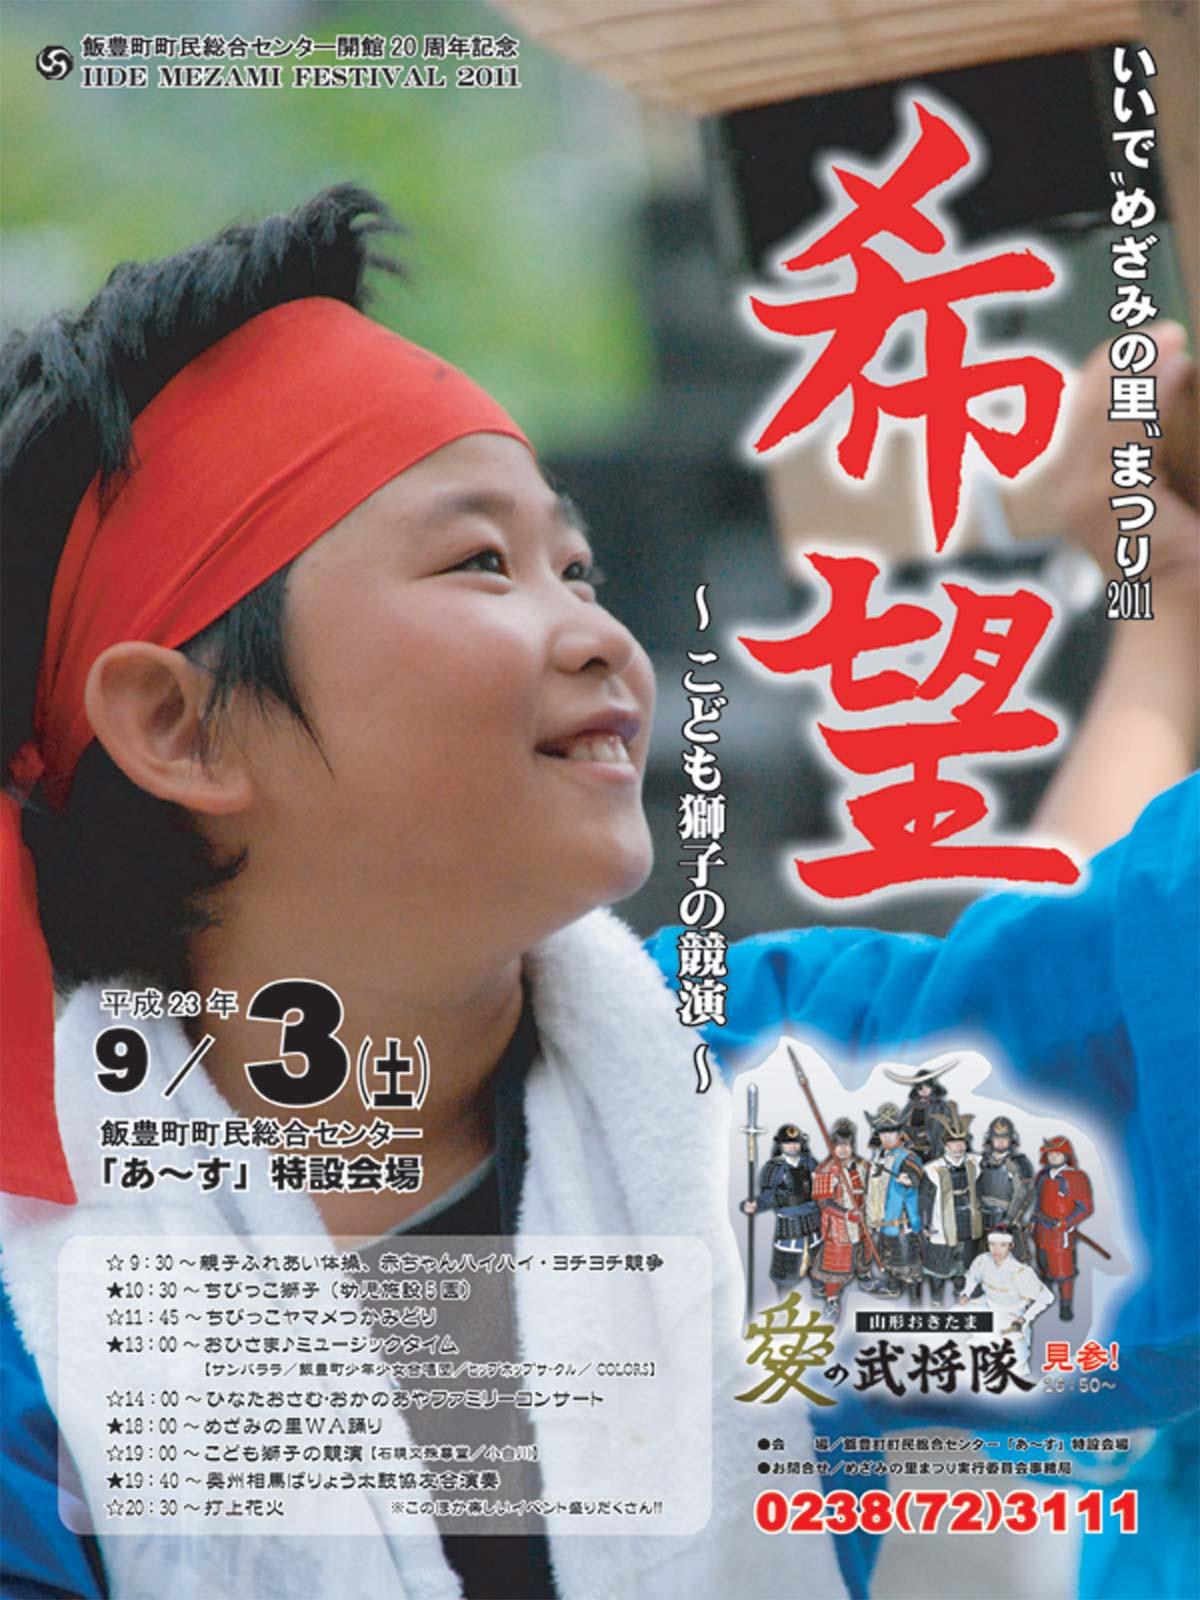 """8/10 9月3日に開催! いいで""""めざみの里""""祭り2011 希望 ~子供獅子の競演~"""